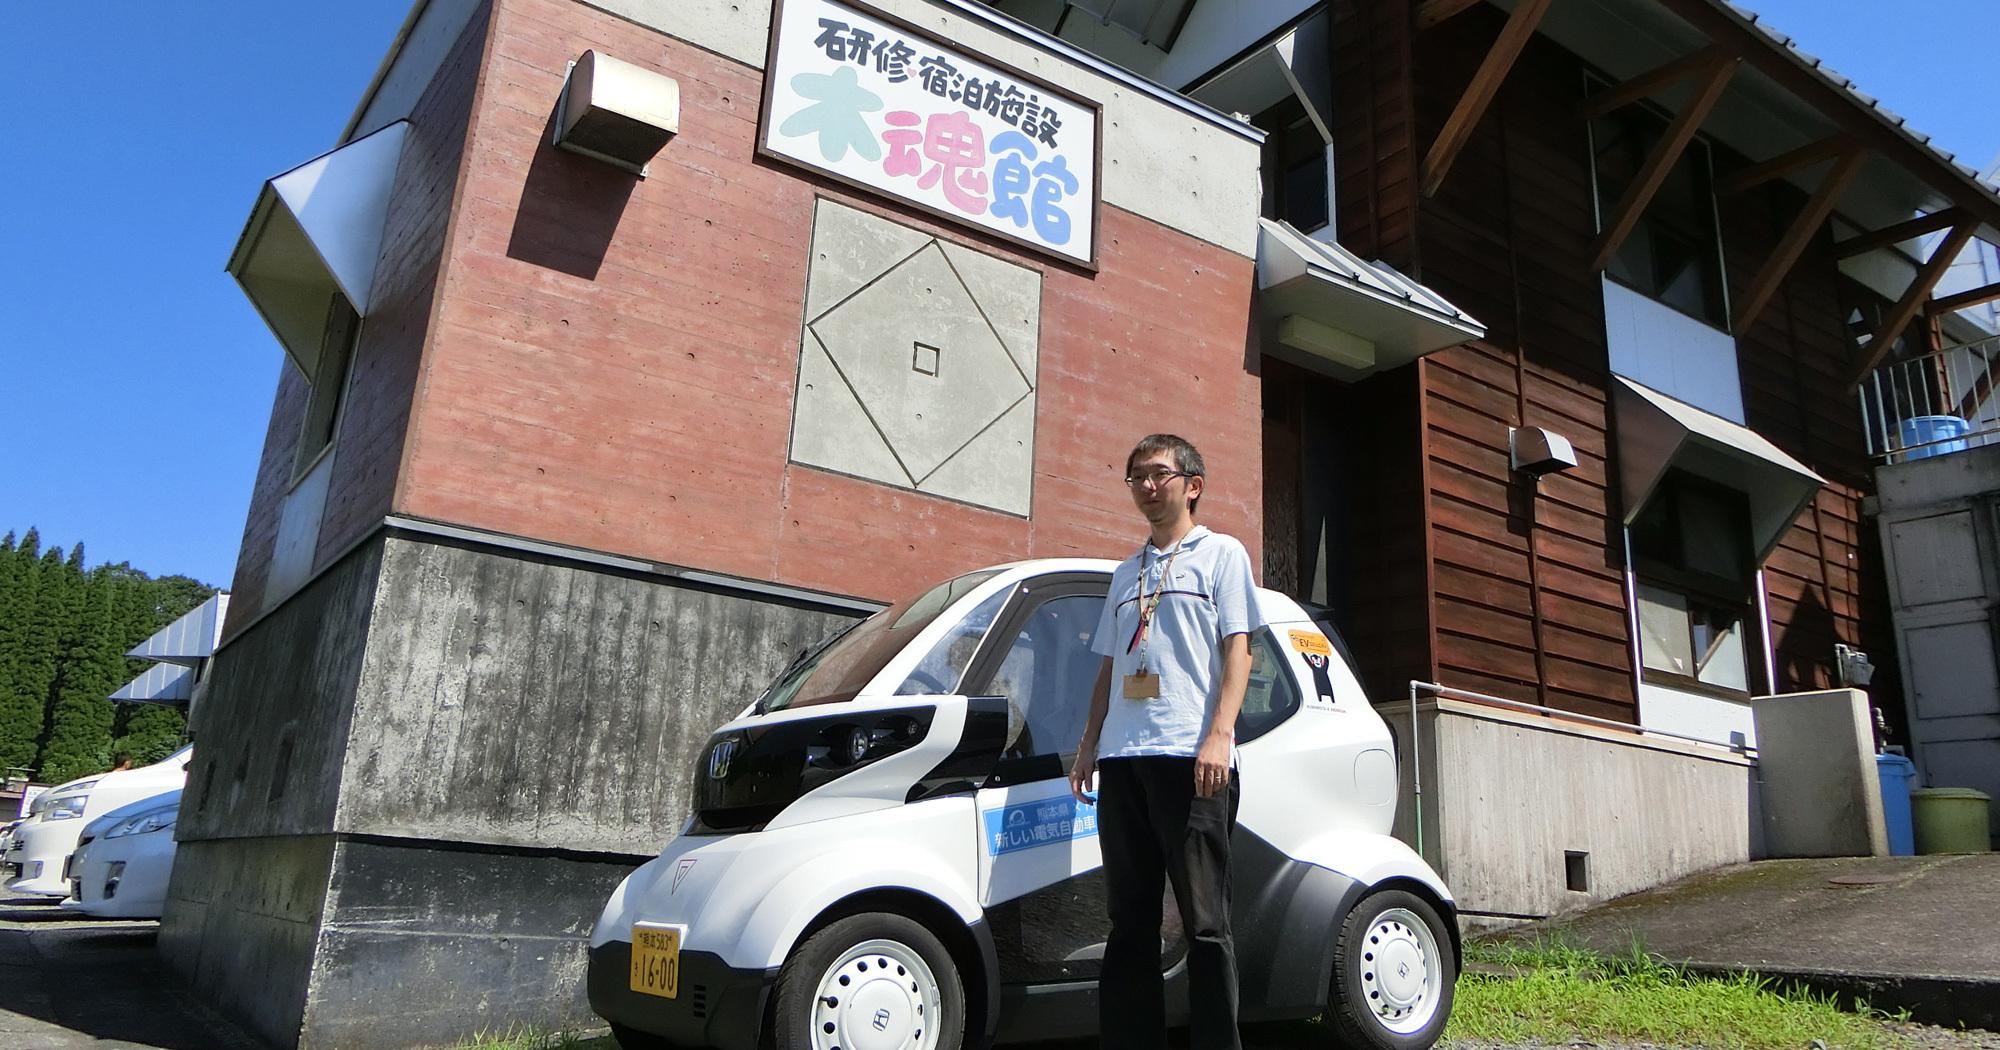 「公共交通の空白」に地熱発電と超小型モビリティで挑む町